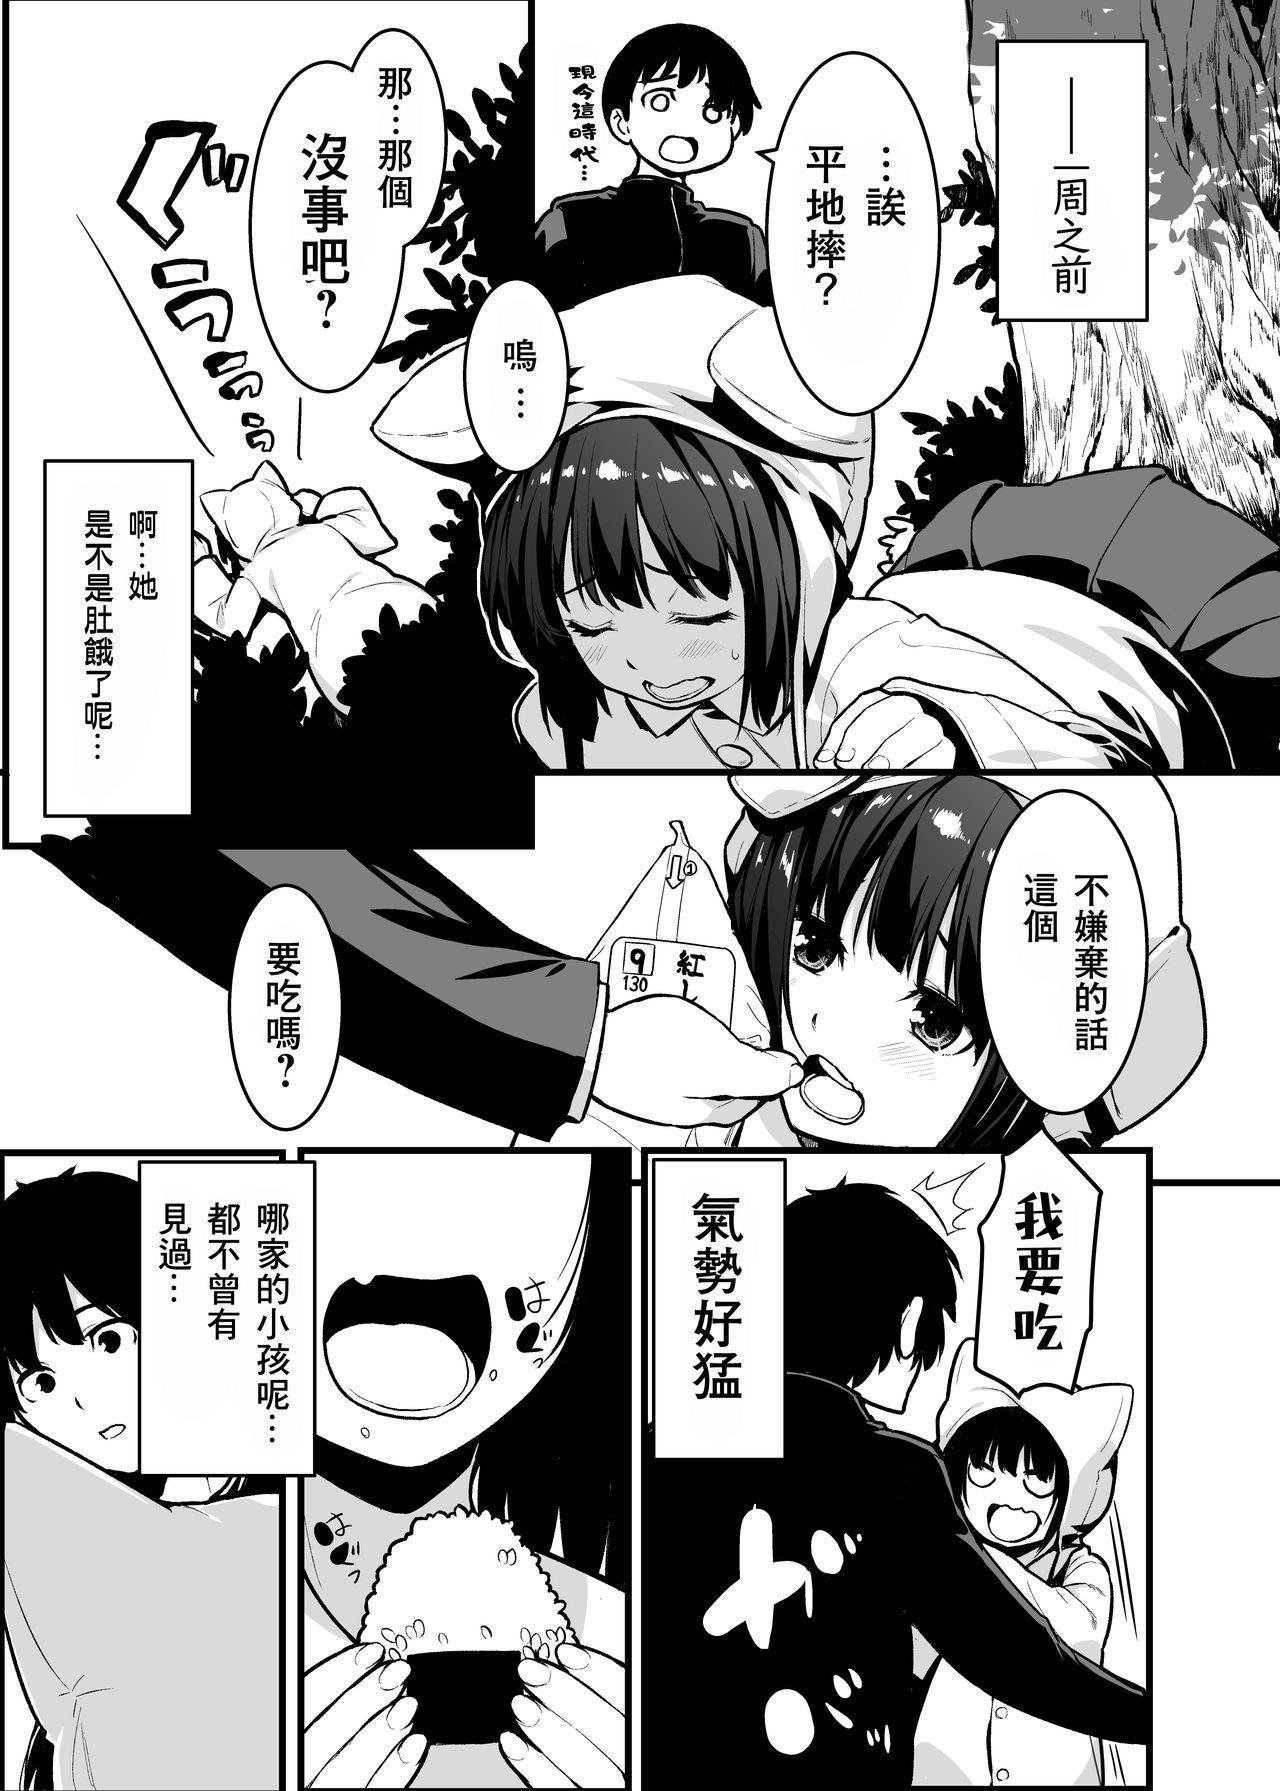 Kitsune no Yomeiri Oyakodon 5